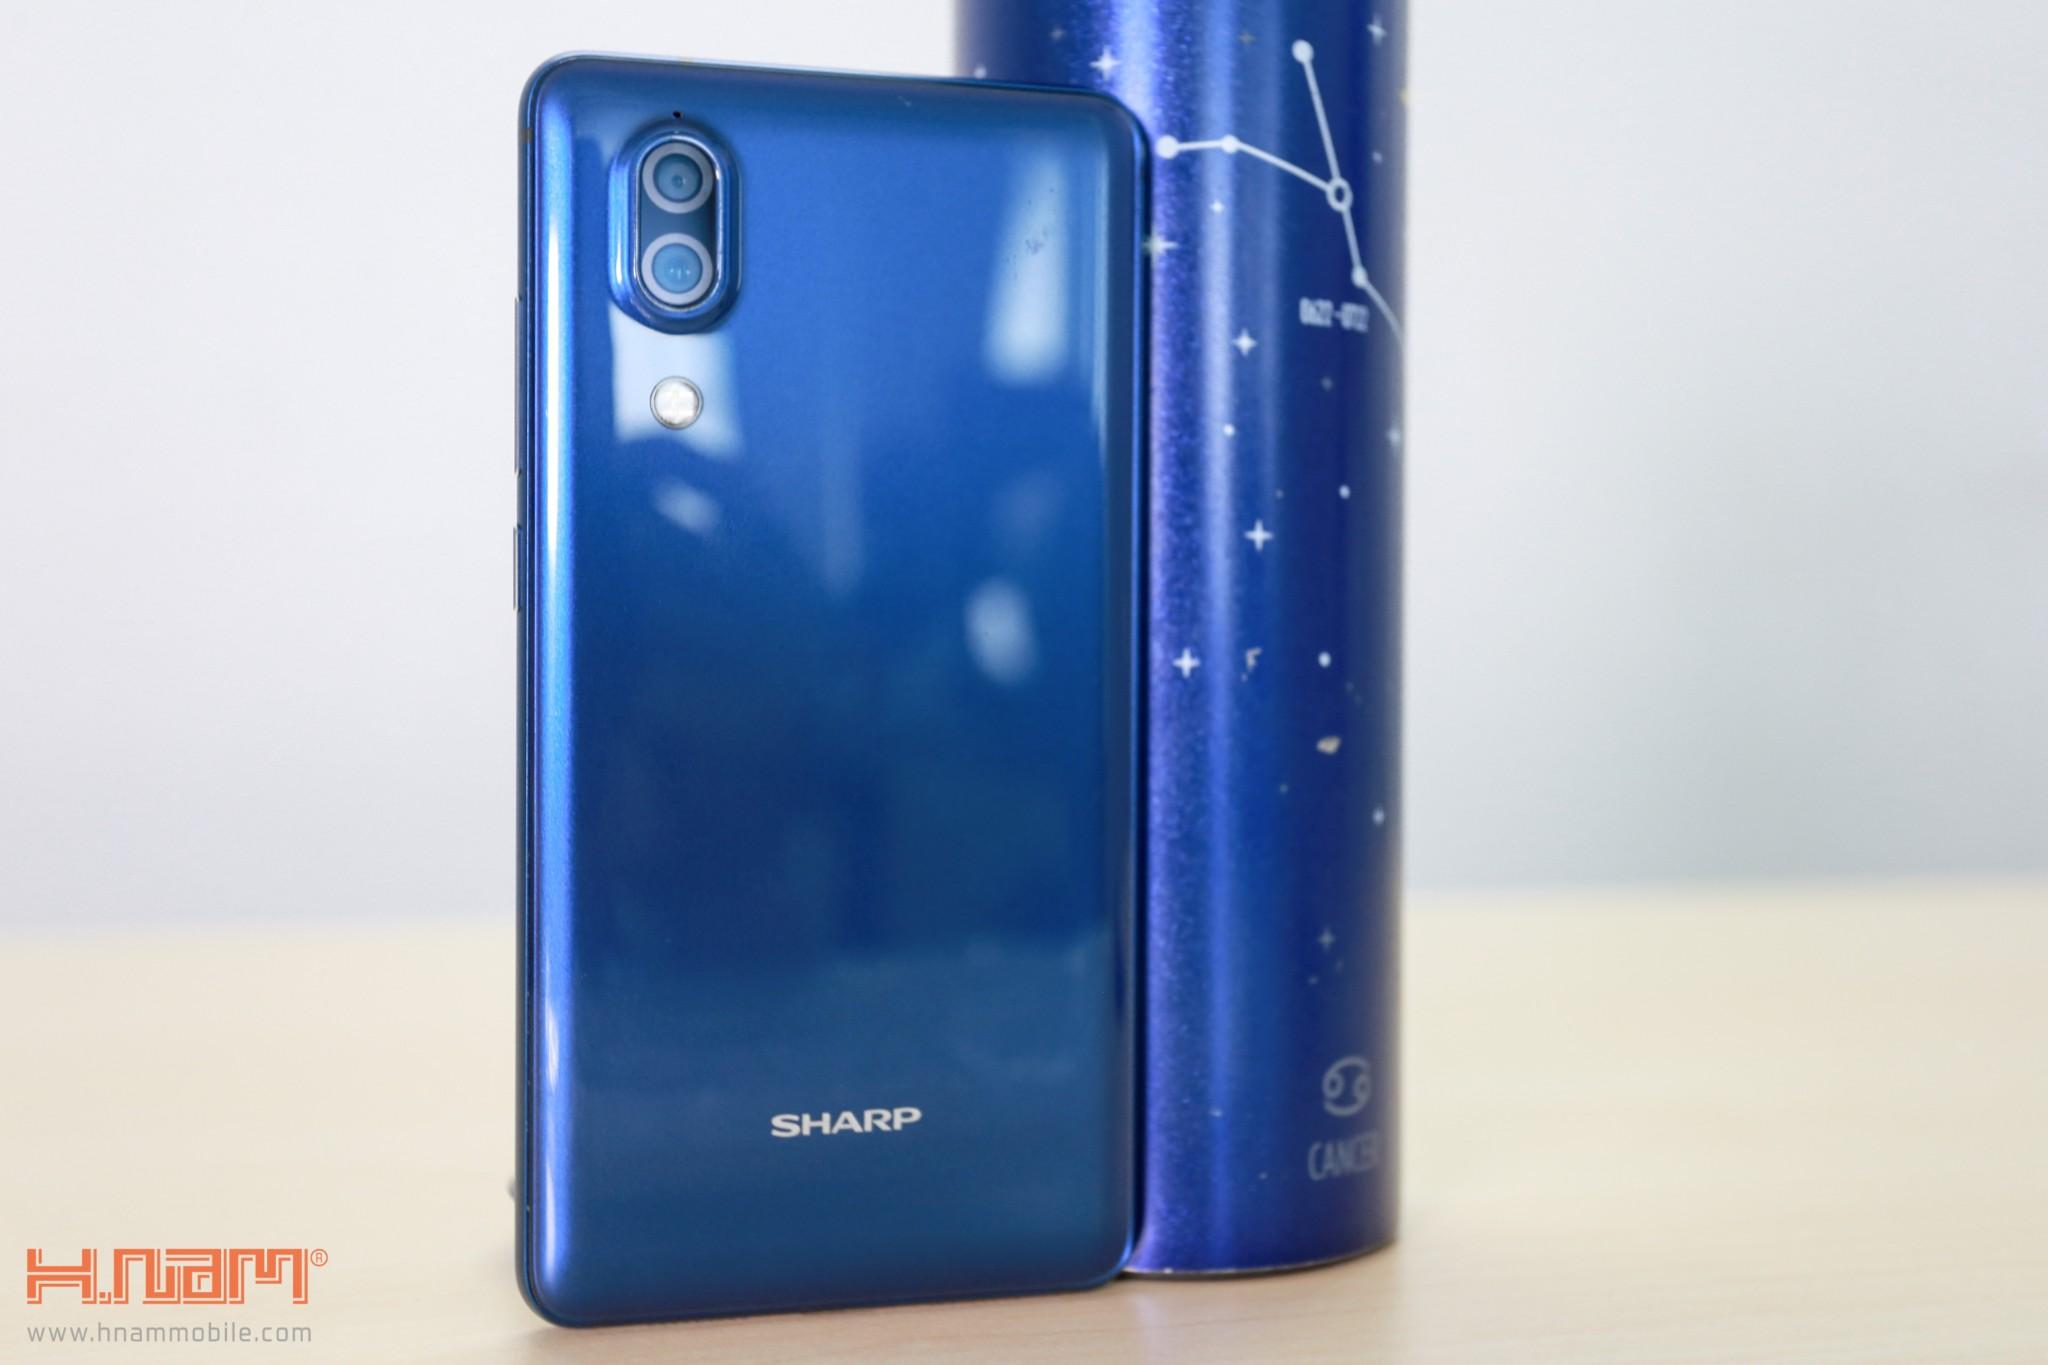 Trên tay Sharp Aquos S2 phiên bản màu xanh tại Việt Nam hình 10